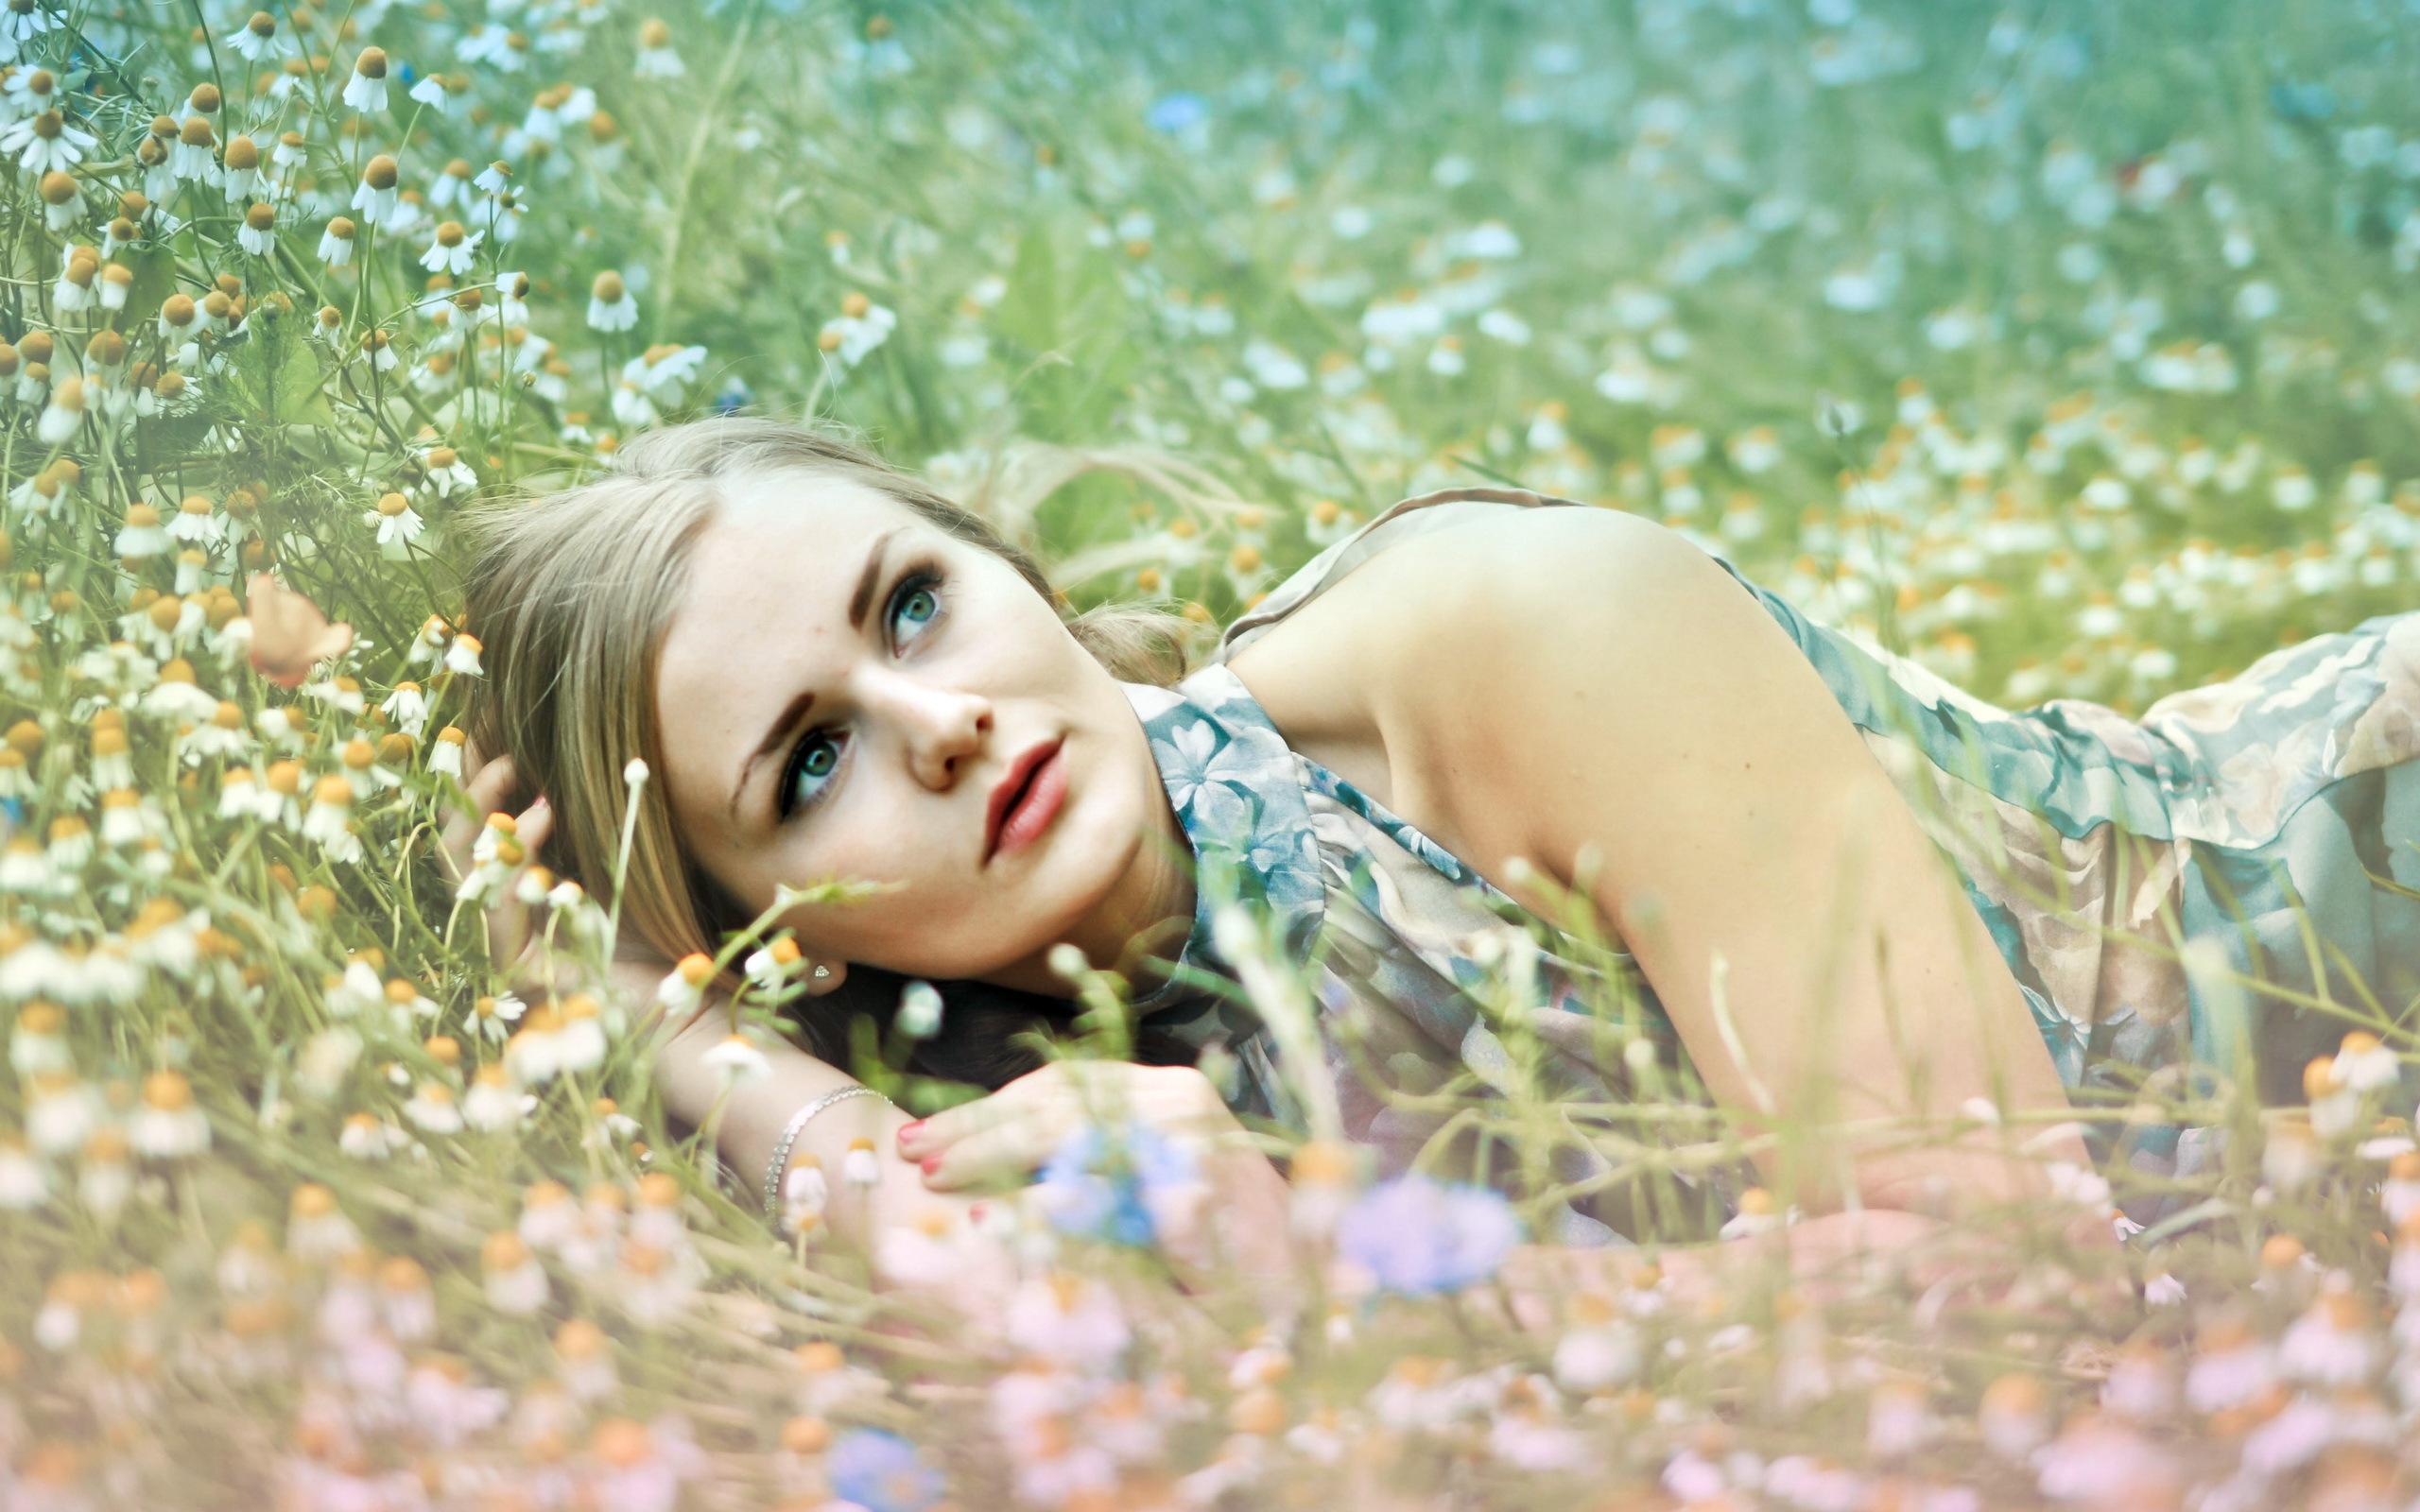 лето уживающиеся картинки фото девушек на природе наших